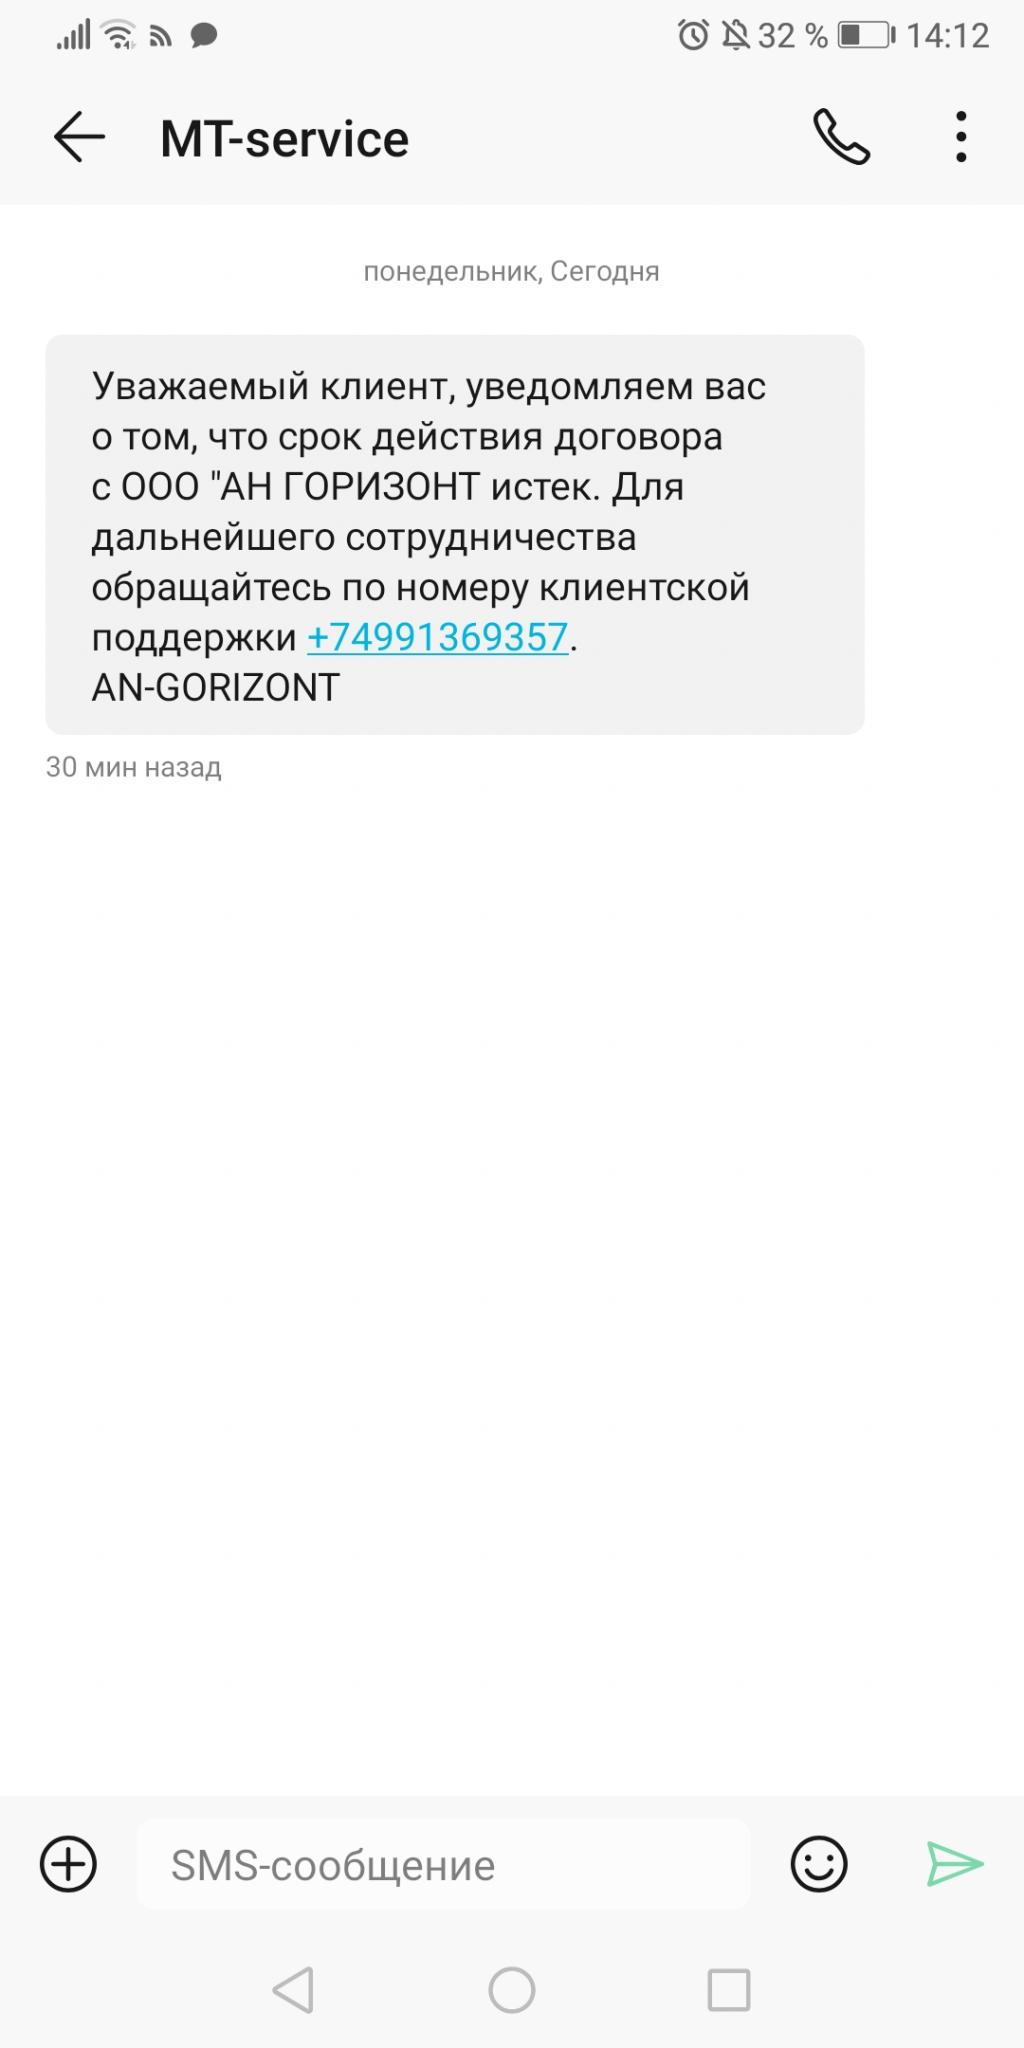 ООО АН Горизонт - Проводят аферу